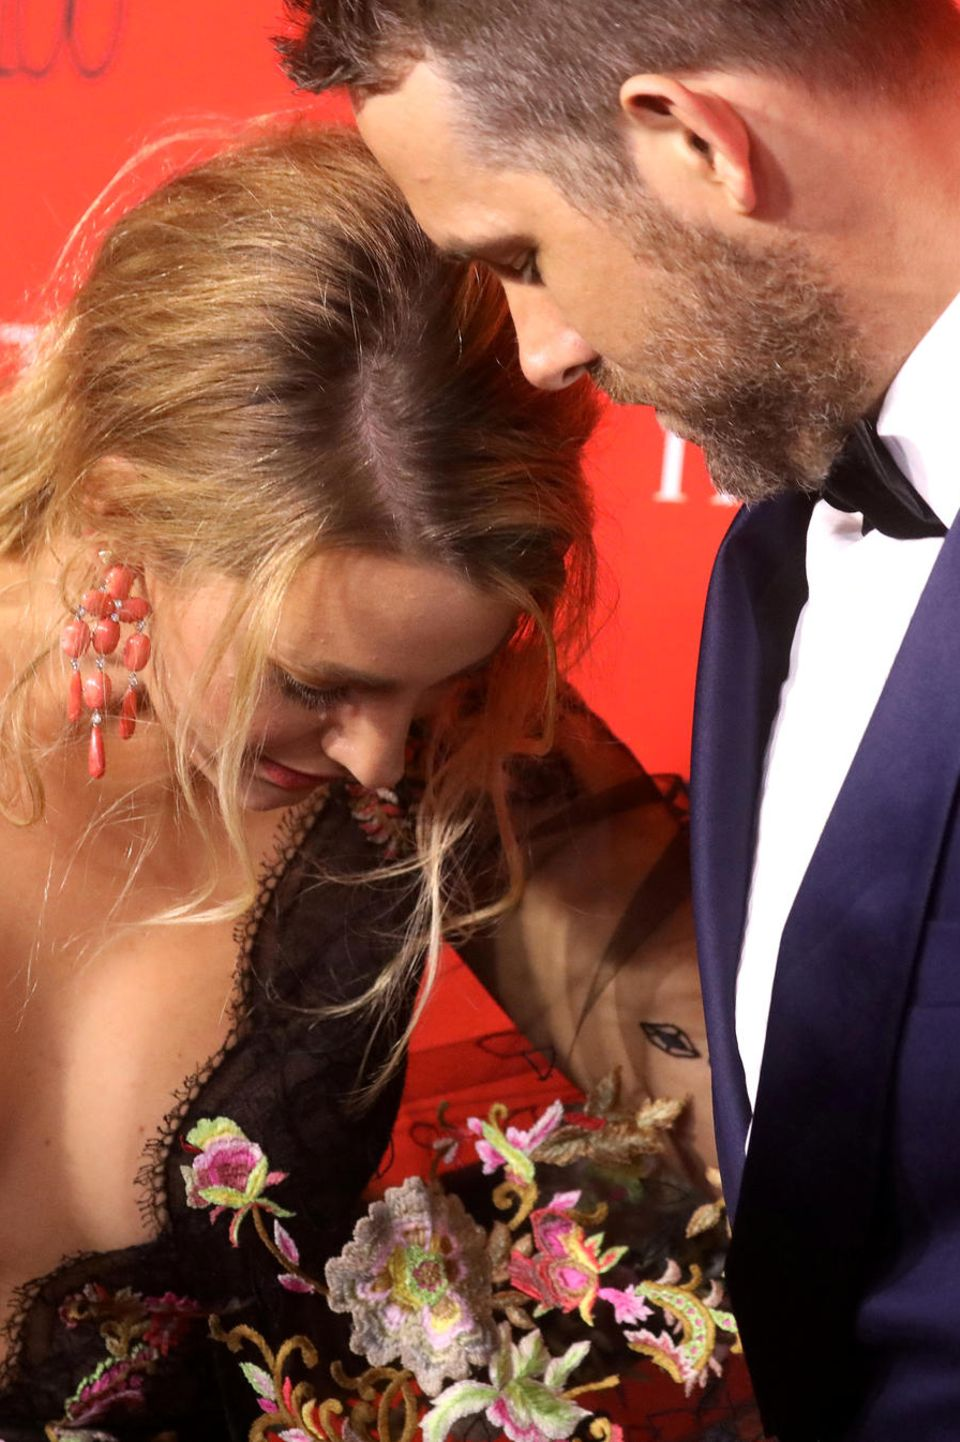 25. April 2017  Schau mir in die Augen, Kleines! Bei diesem wunderschönen Dekolleté verzeihen wir es Ryan Reynolds aber gerne, dass er den Blick nicht von dem Ausschnitt seiner Frau Blake Lively abweden kann.